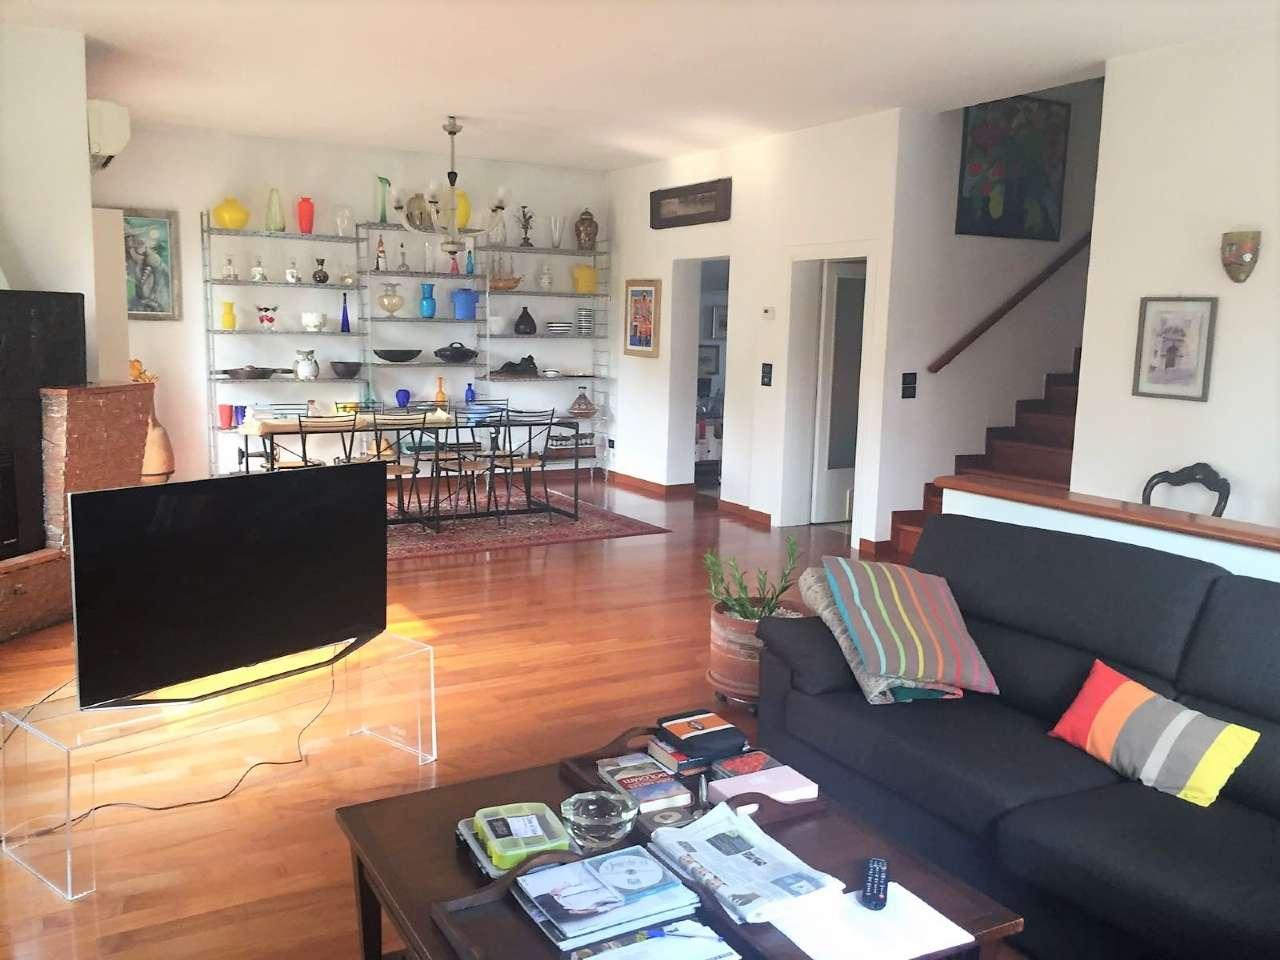 Villa in vendita a Venezia, 10 locali, zona Zona: 13 . Zelarino, prezzo € 398.000 | CambioCasa.it